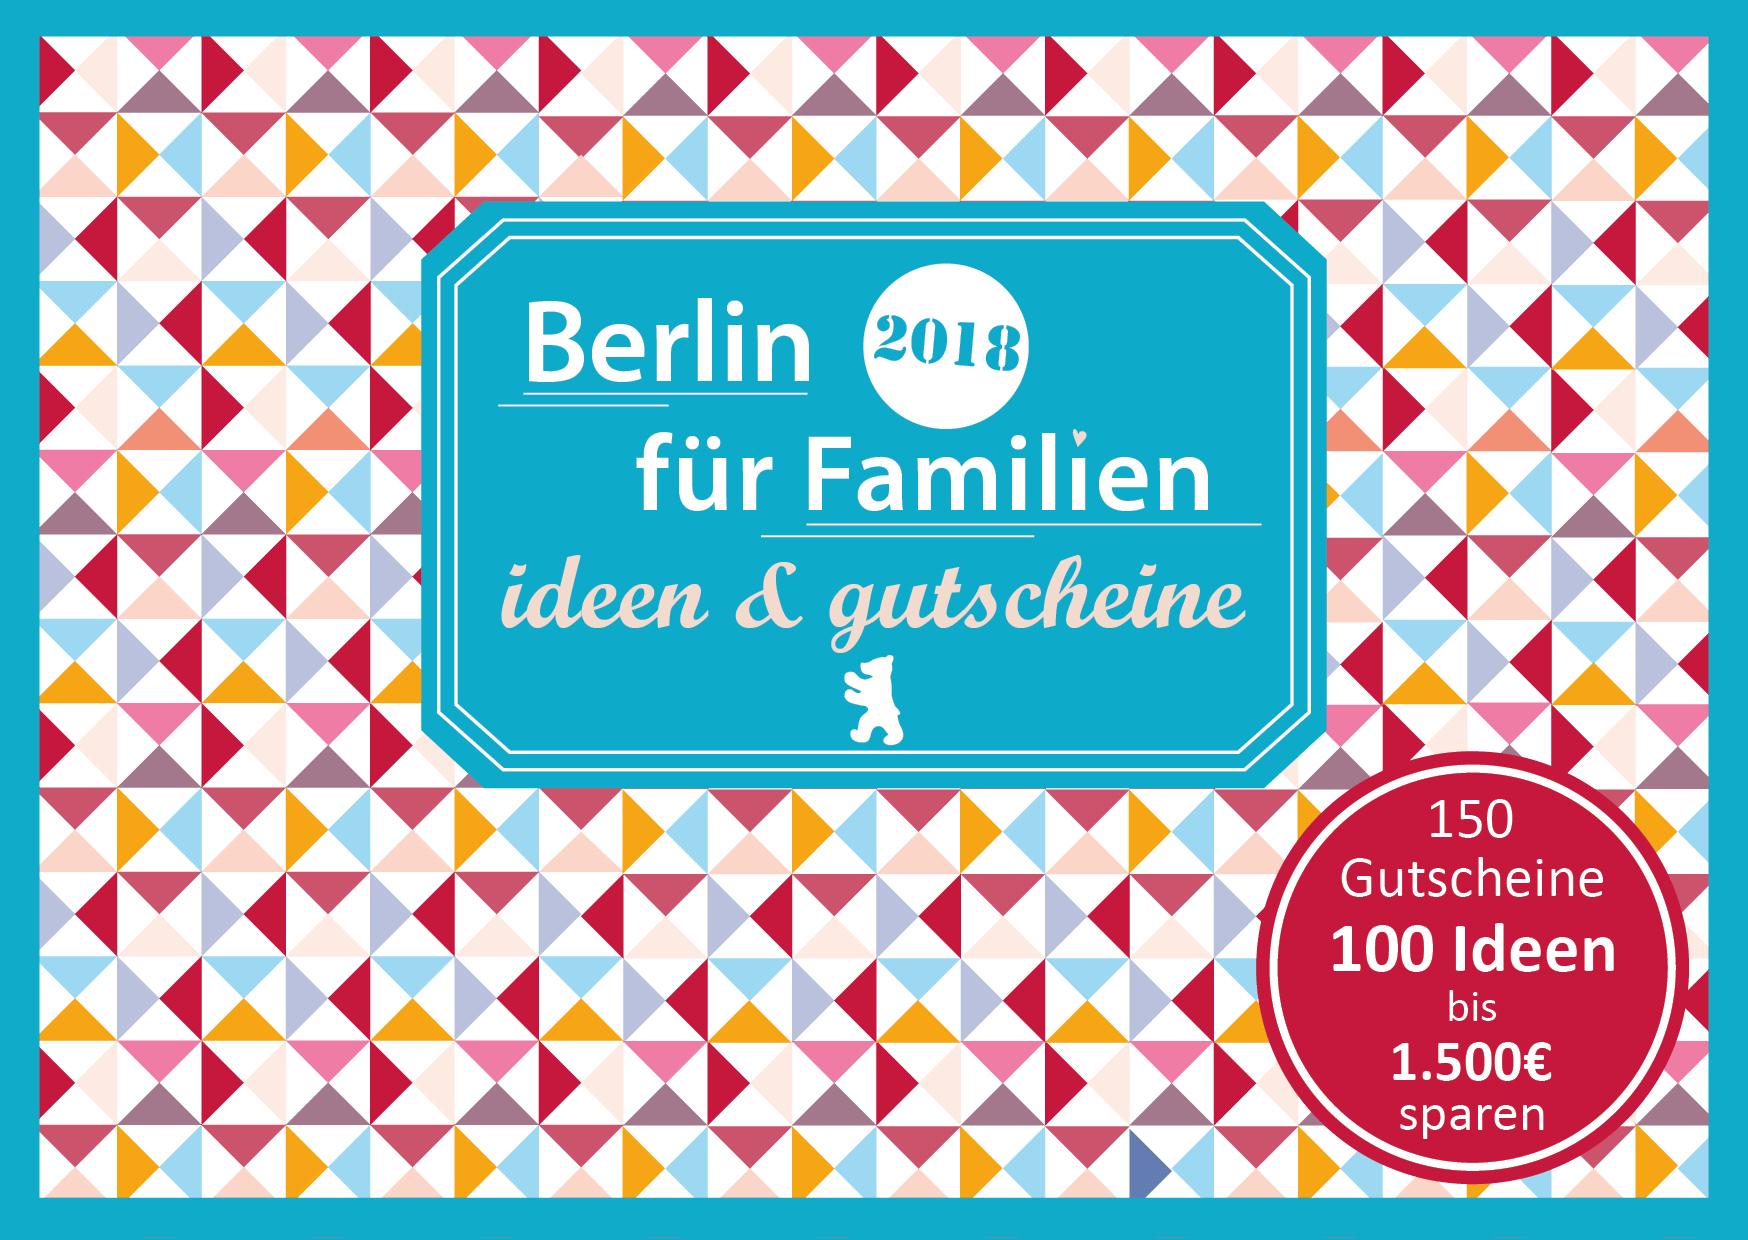 Familien Gutscheinbuch Berlin Cover 2018 final - Gutscheinbuch Berlin für Familien